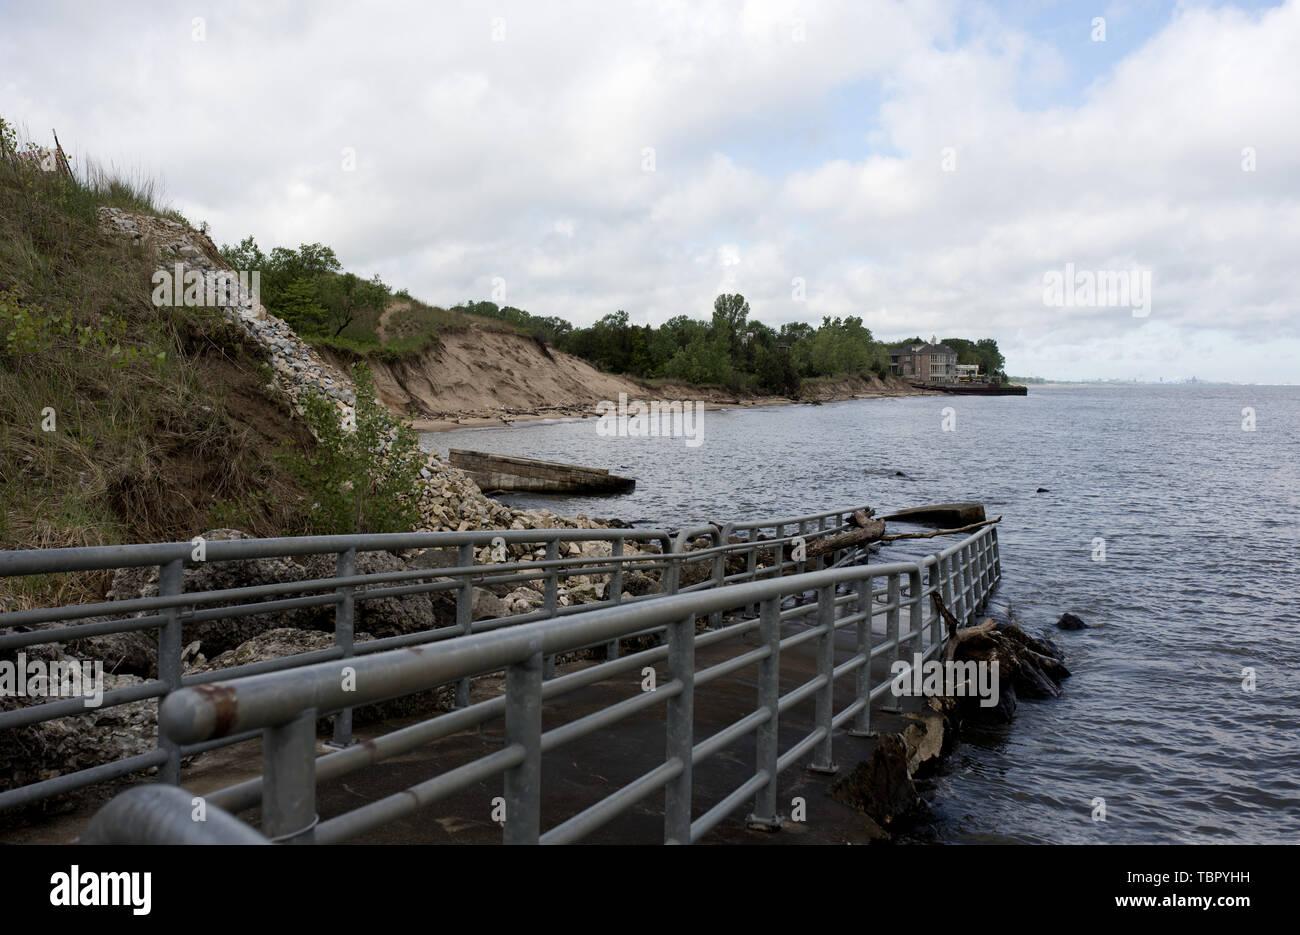 Portage Lake Michigan Stock Photos & Portage Lake Michigan